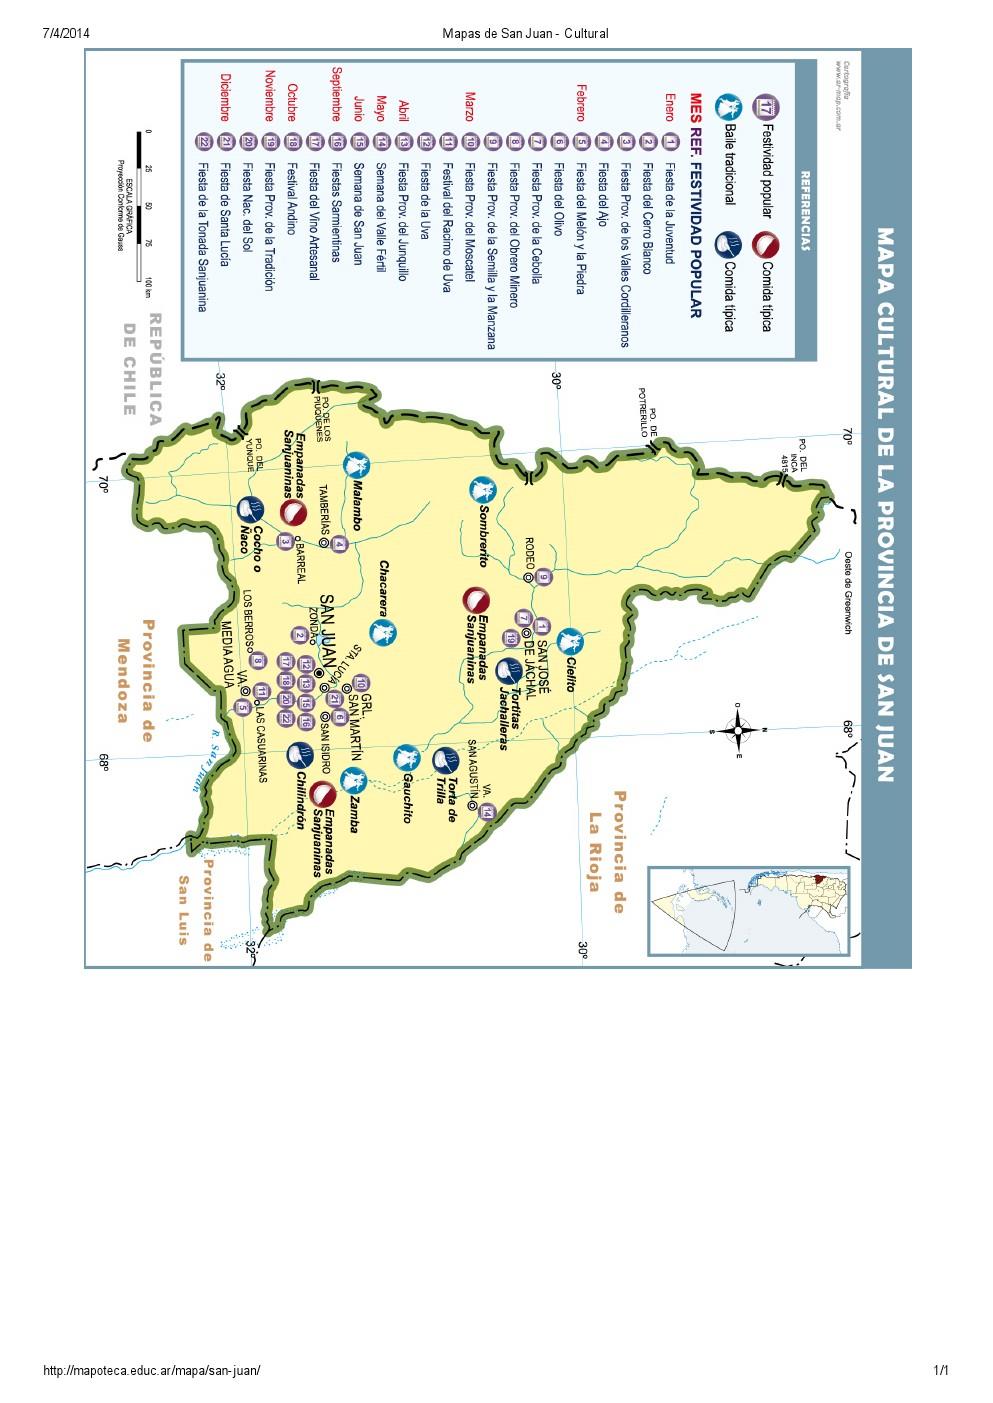 Mapa cultural de San Juan. Mapoteca de Educ.ar